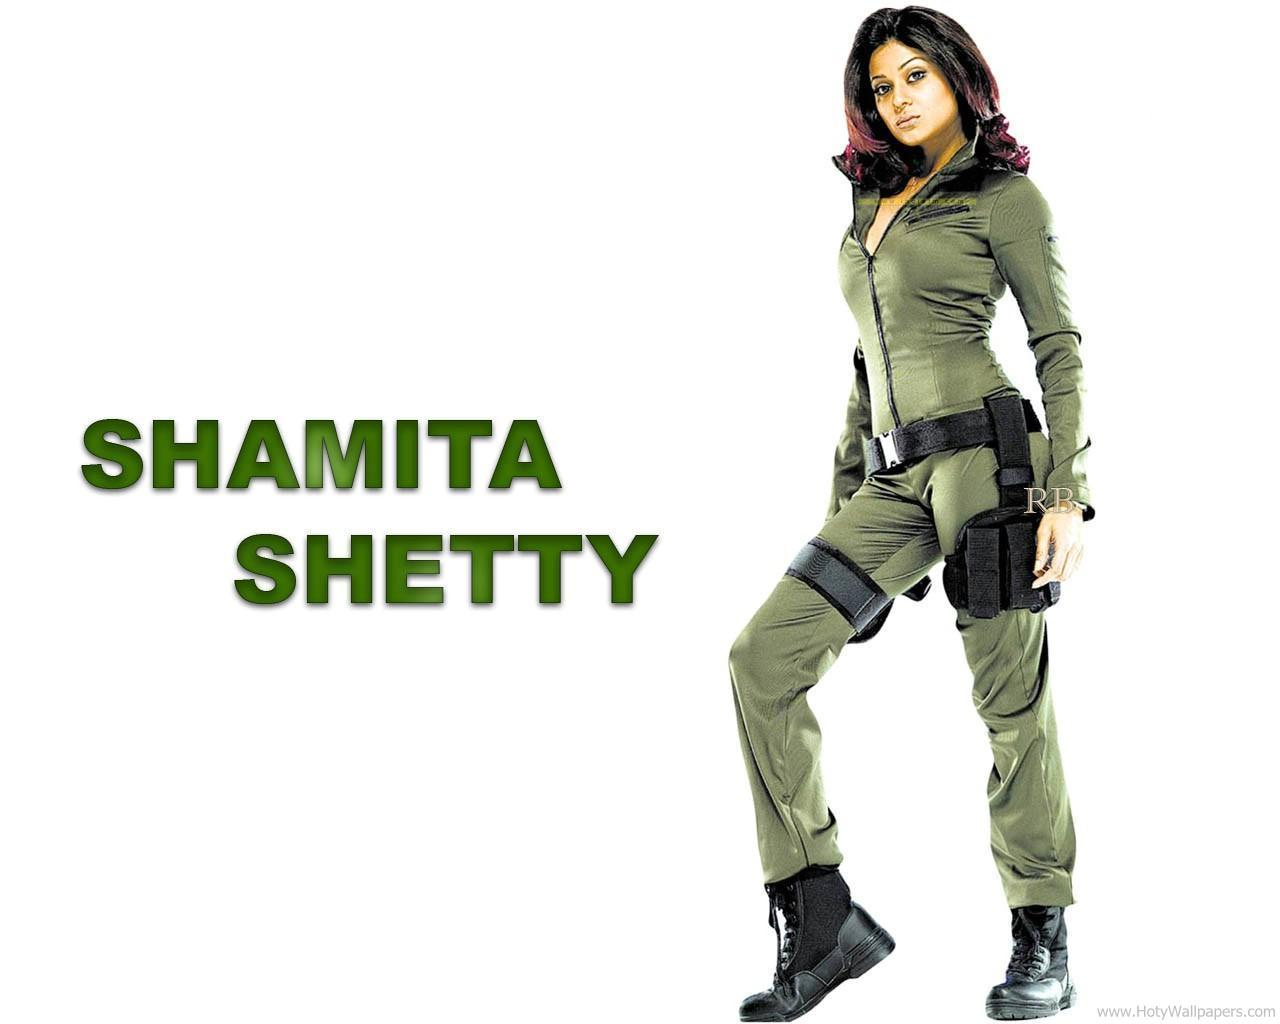 http://1.bp.blogspot.com/-o2QqGksz-oc/Tw7VNdcHzzI/AAAAAAAAR-E/4Qtd5eleu_k/s1600/shamita_shetty_hd_pao_shoot.jpg